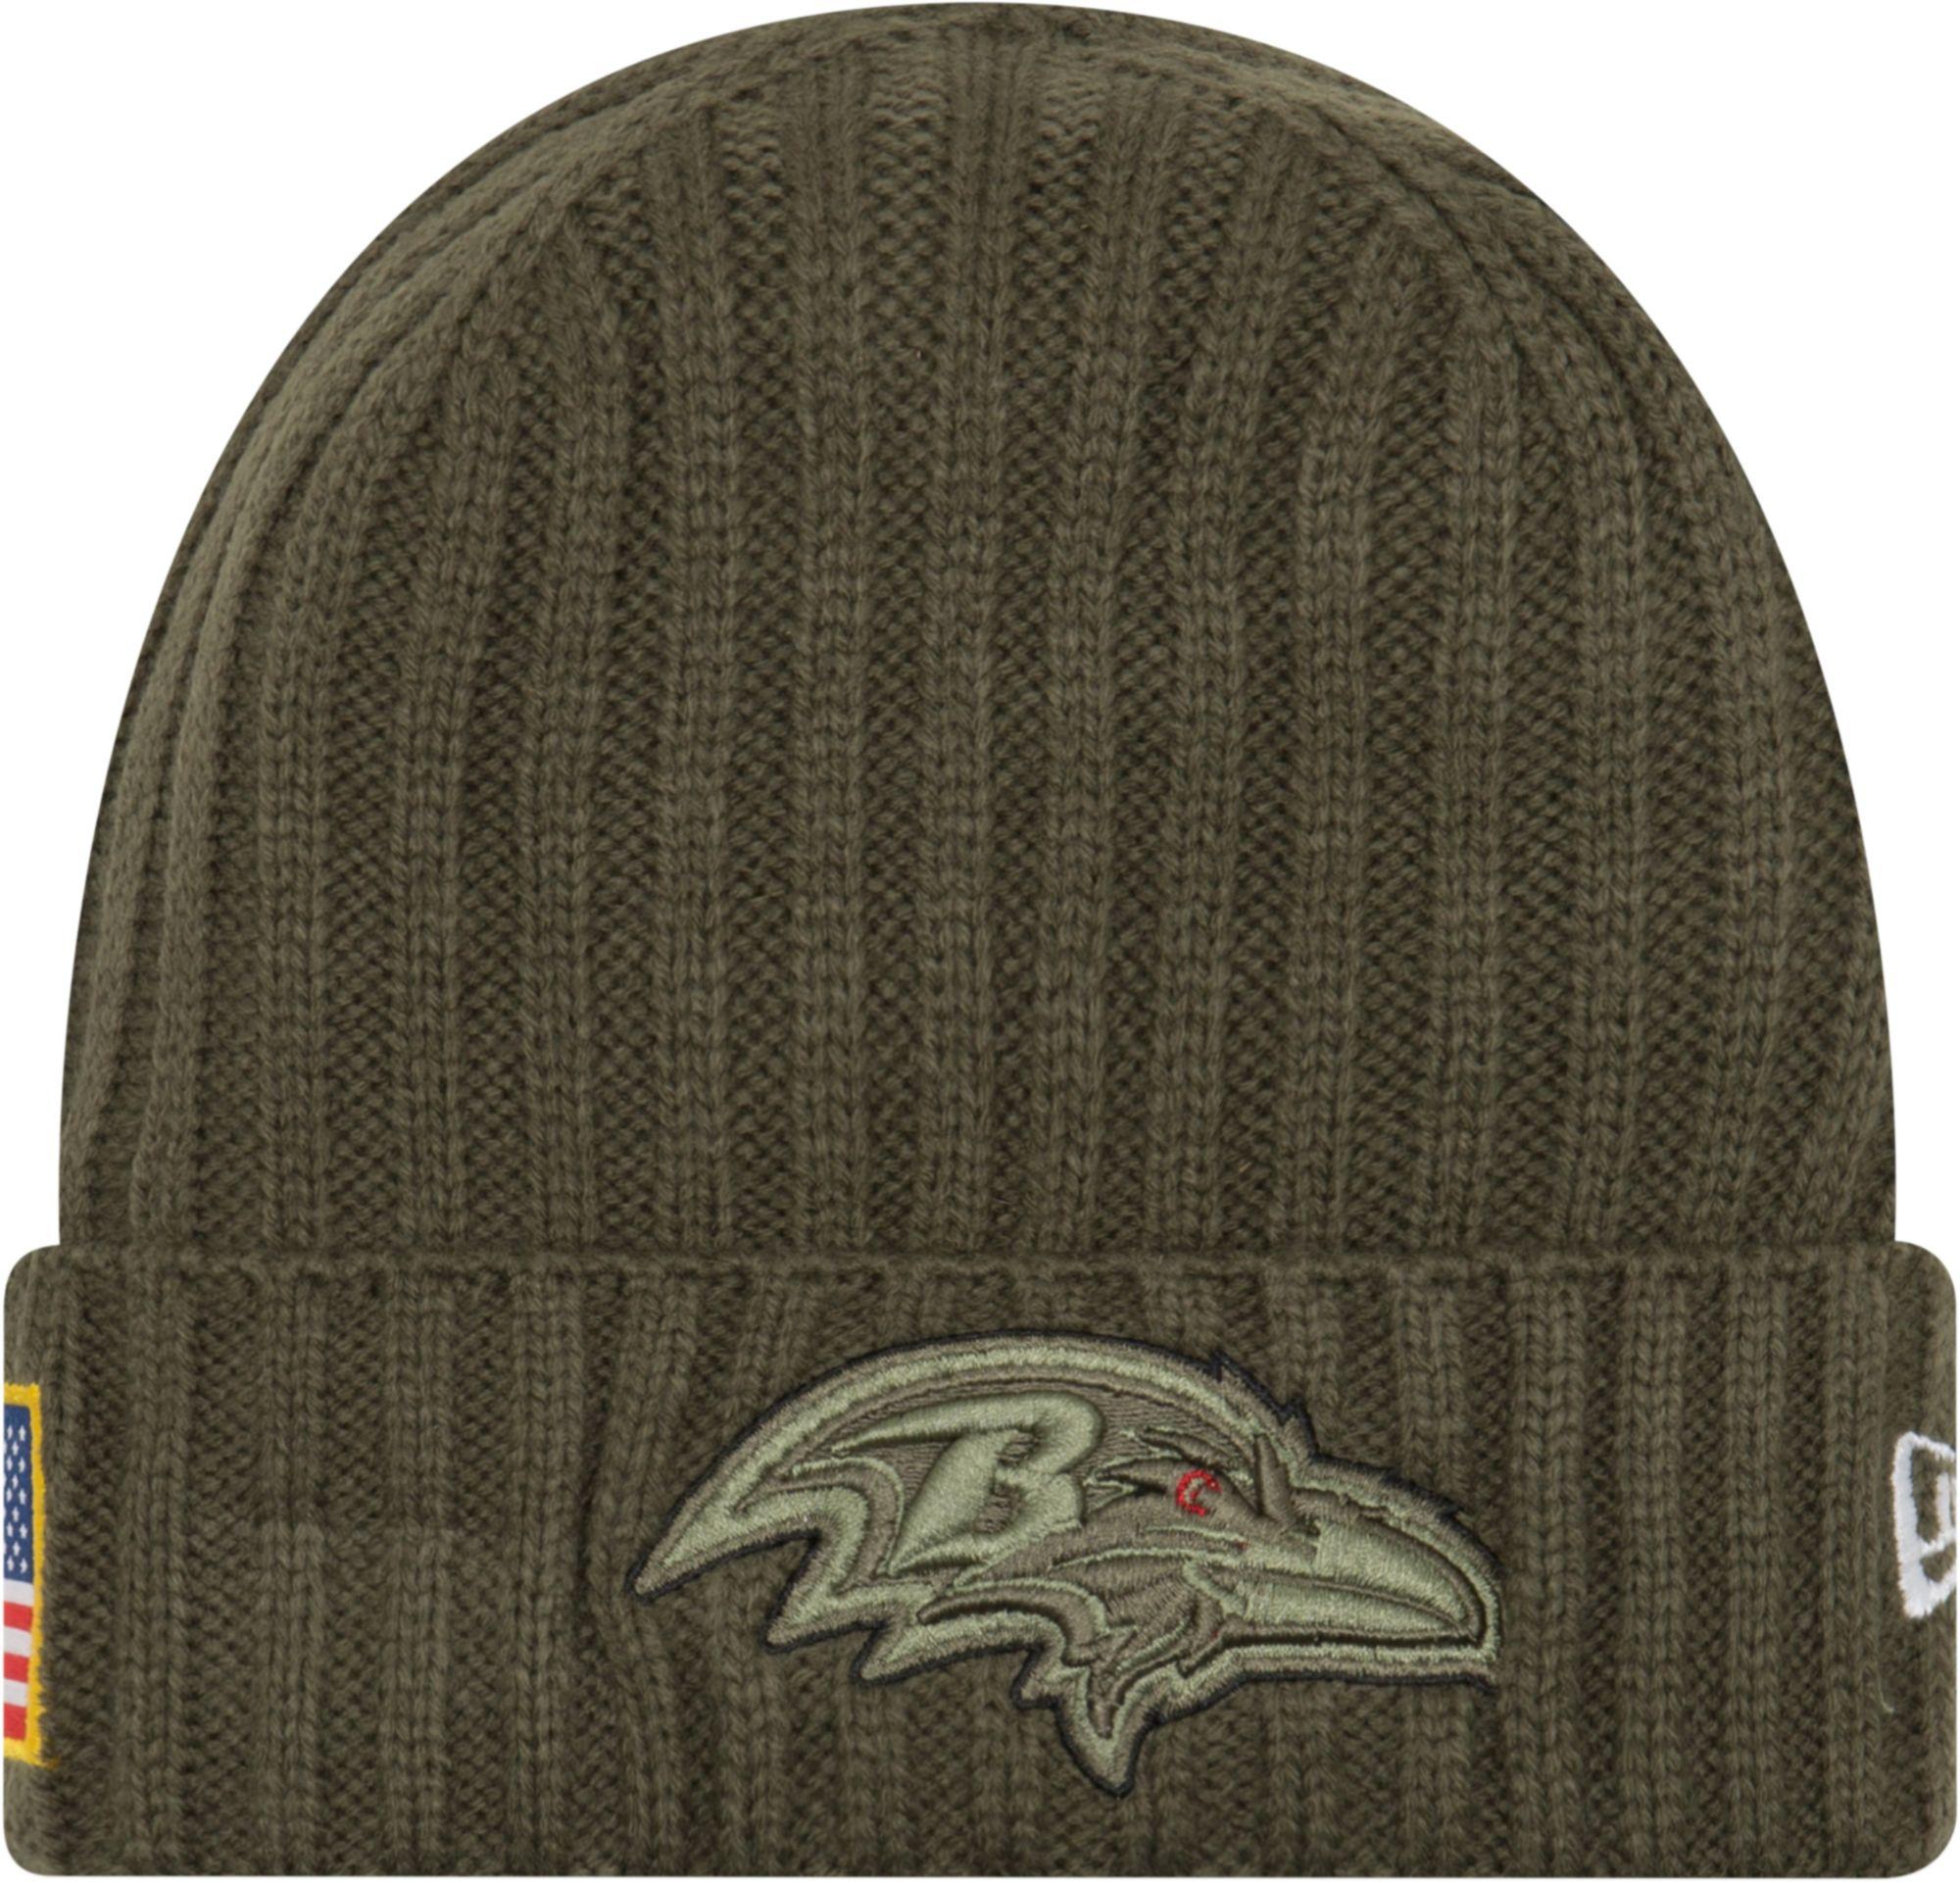 64f7057b4 usa nfl cuffed knit hats queens nyc b448b 0fbdd